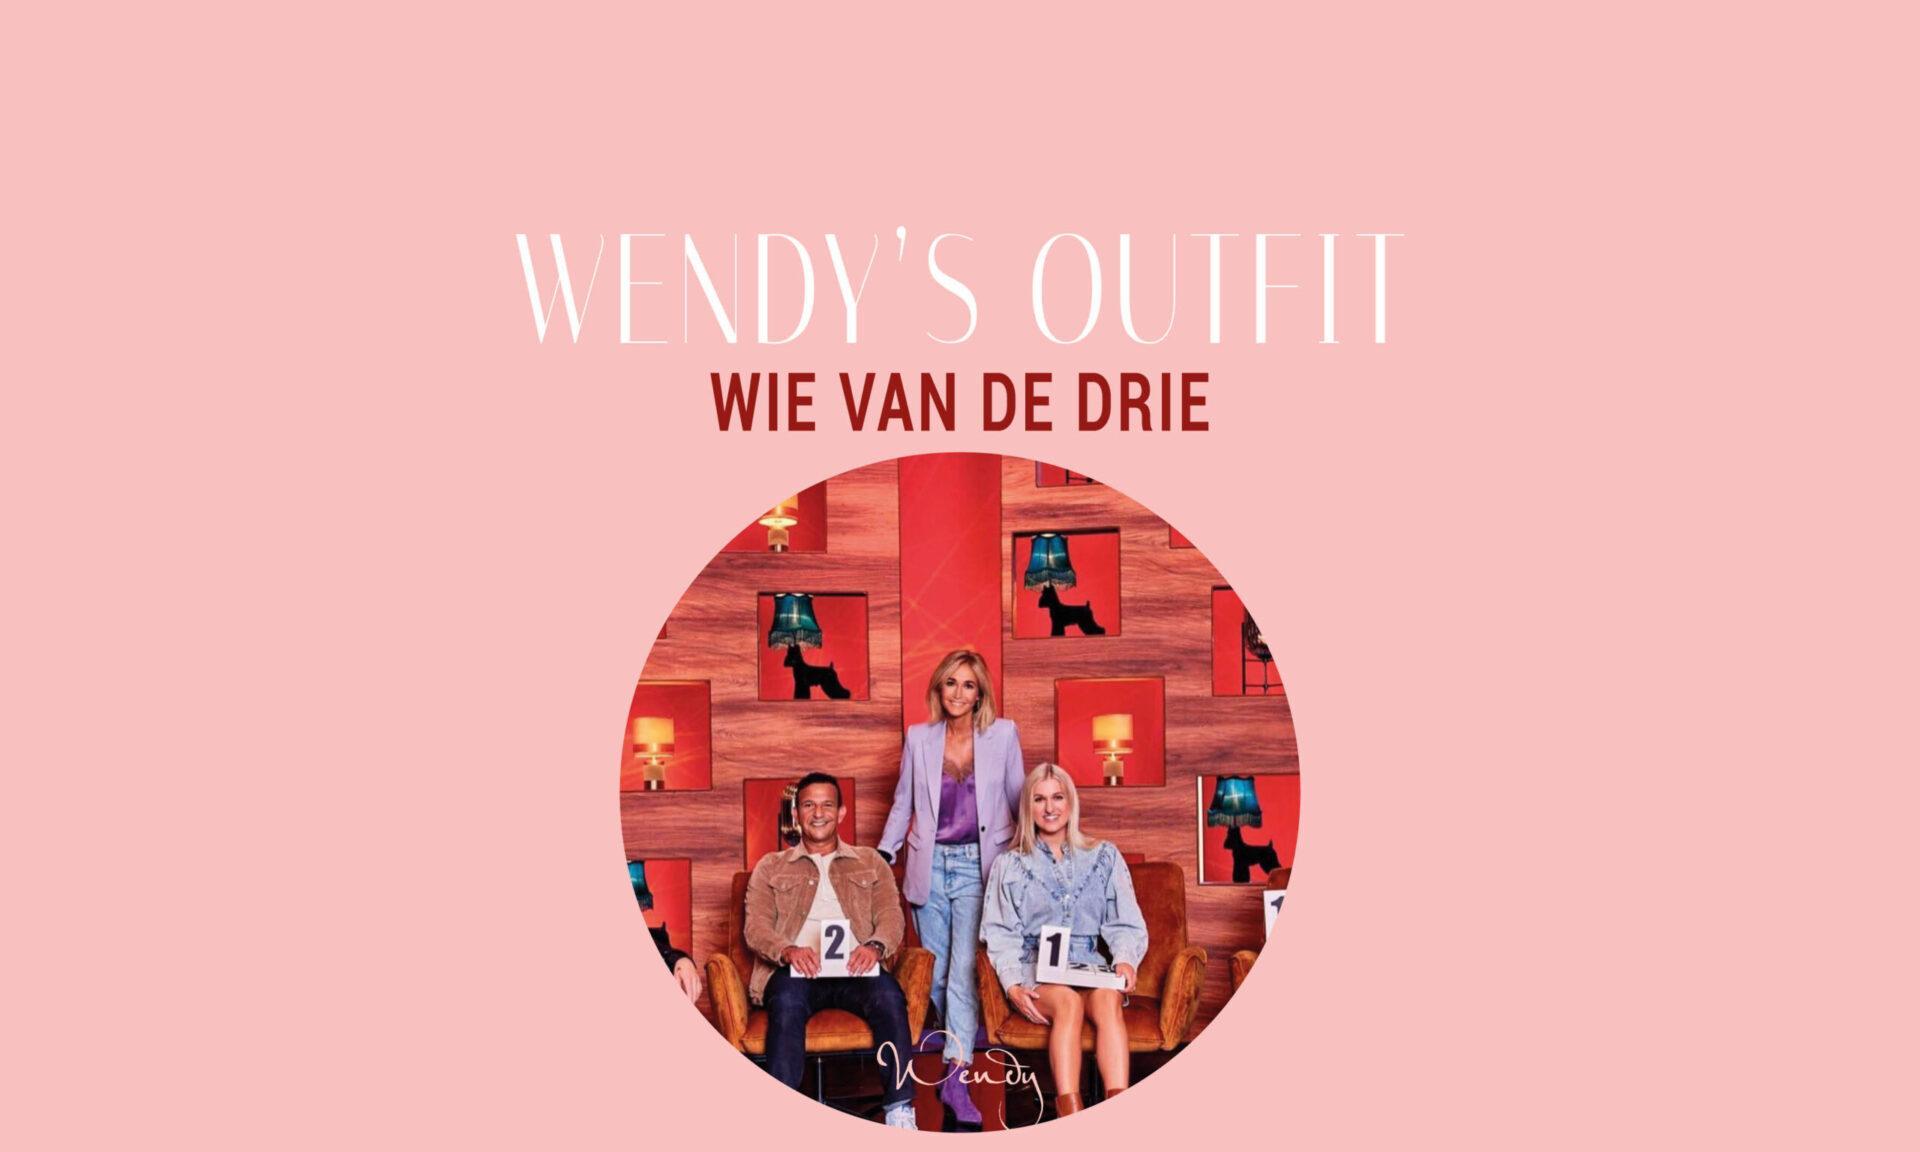 0C9AAAB5 59C9 44F8 809F 69CE2F9336F1 scaled Wendy's outfit - Wie van de drie (seizoen 3 afl. 1)